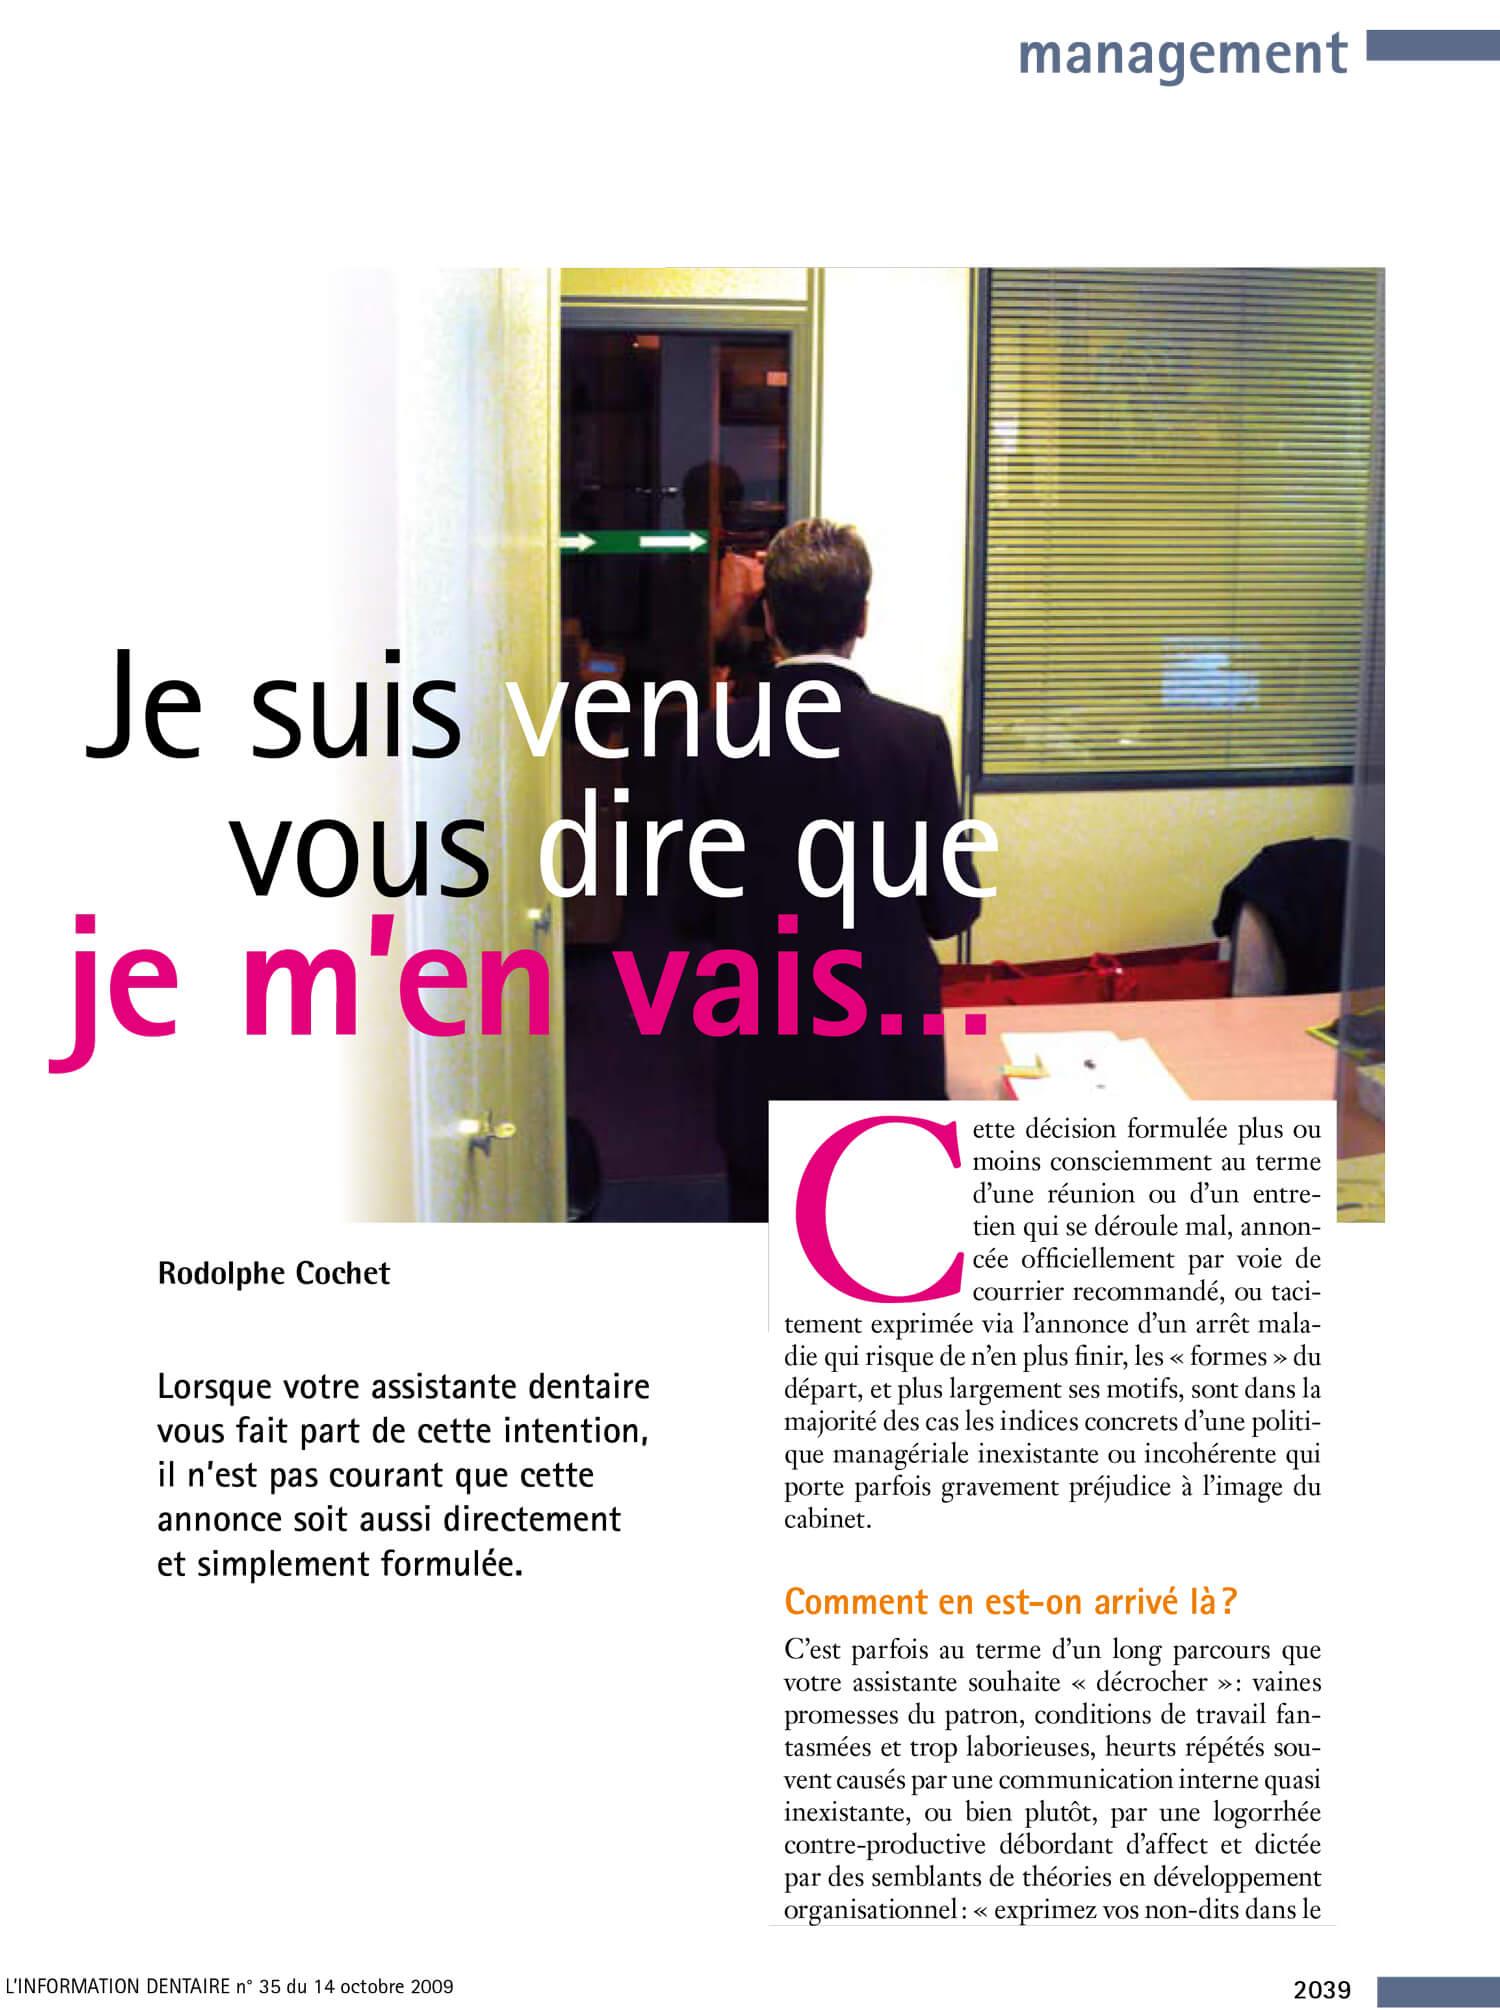 Je_suis_venue_vous_dire_demission_assistante_dentaire_management_Rodolphe_Cochet.jpg